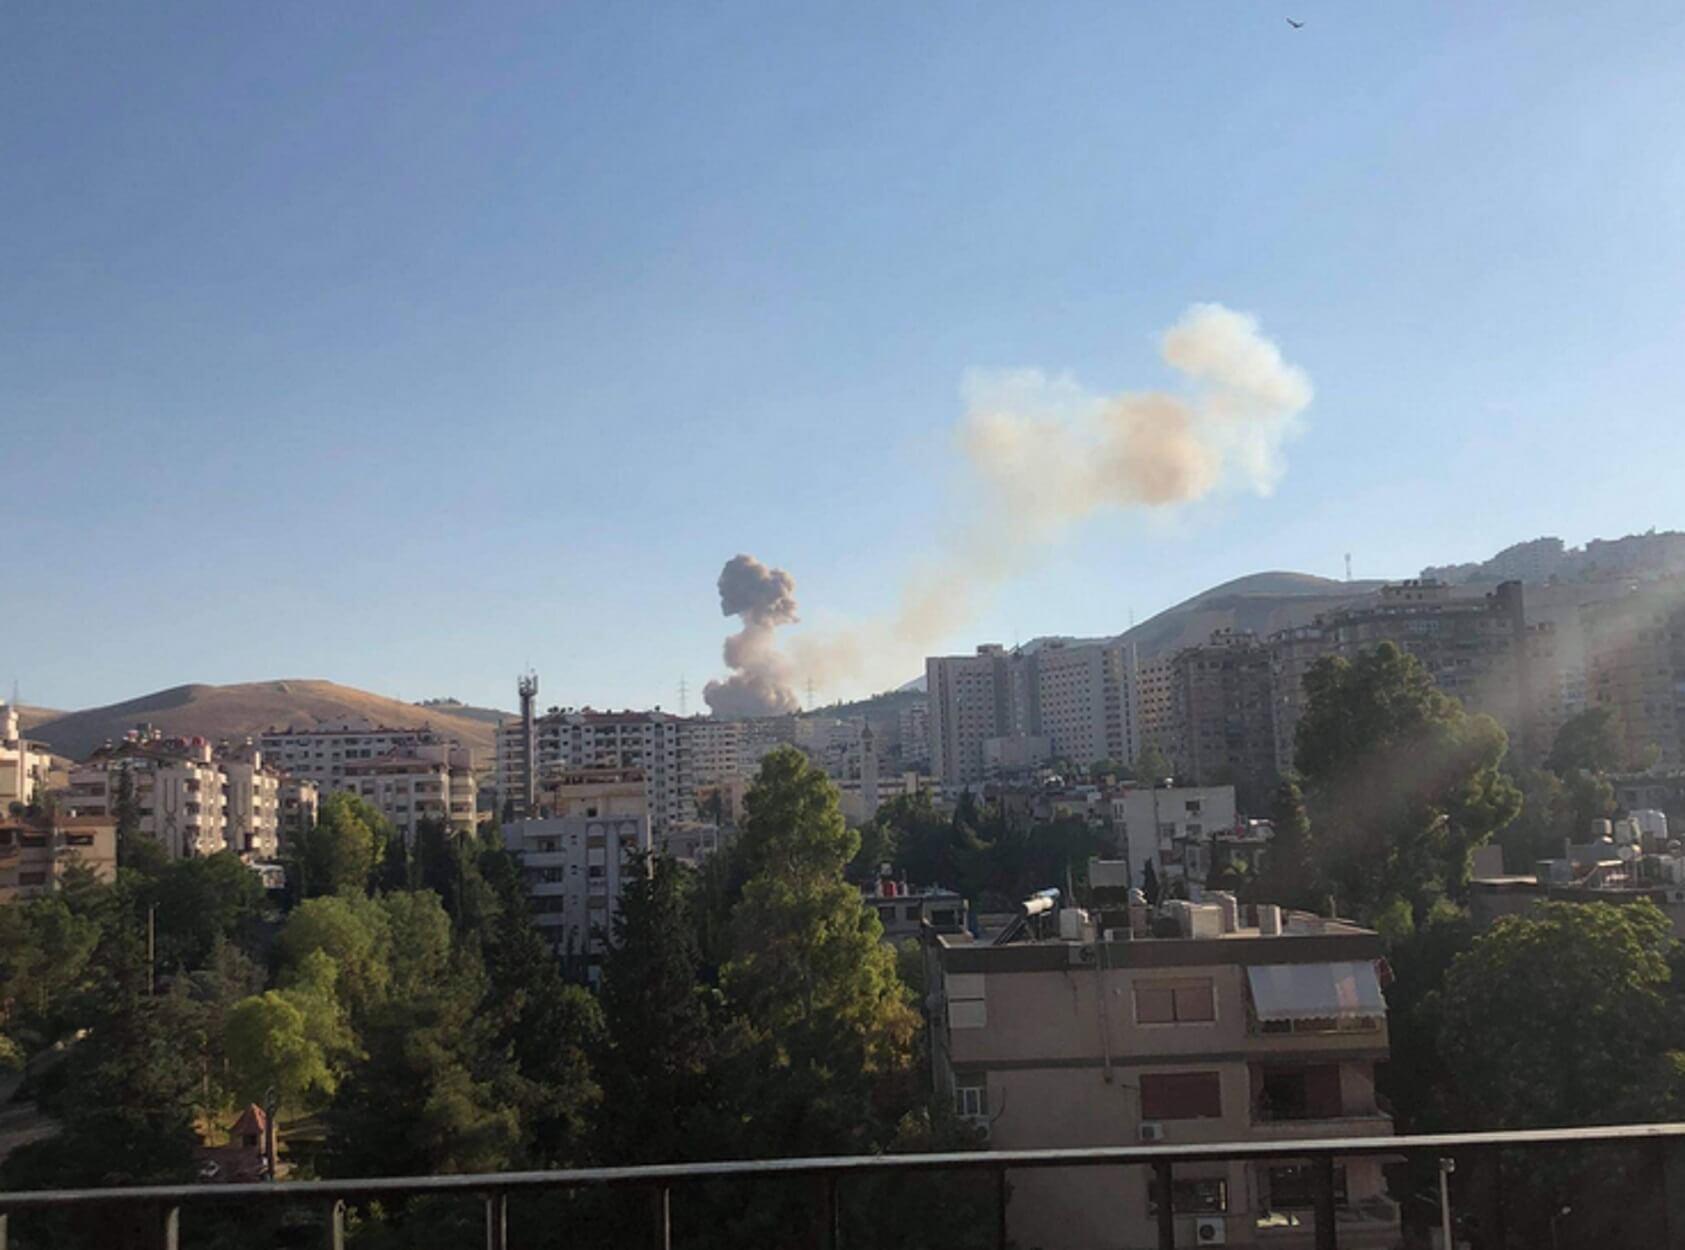 Συρία: Ισχυρότατες εκρήξεις στη Δαμασκό κοντά στο Προεδρικό Μέγαρο του Άσαντ!